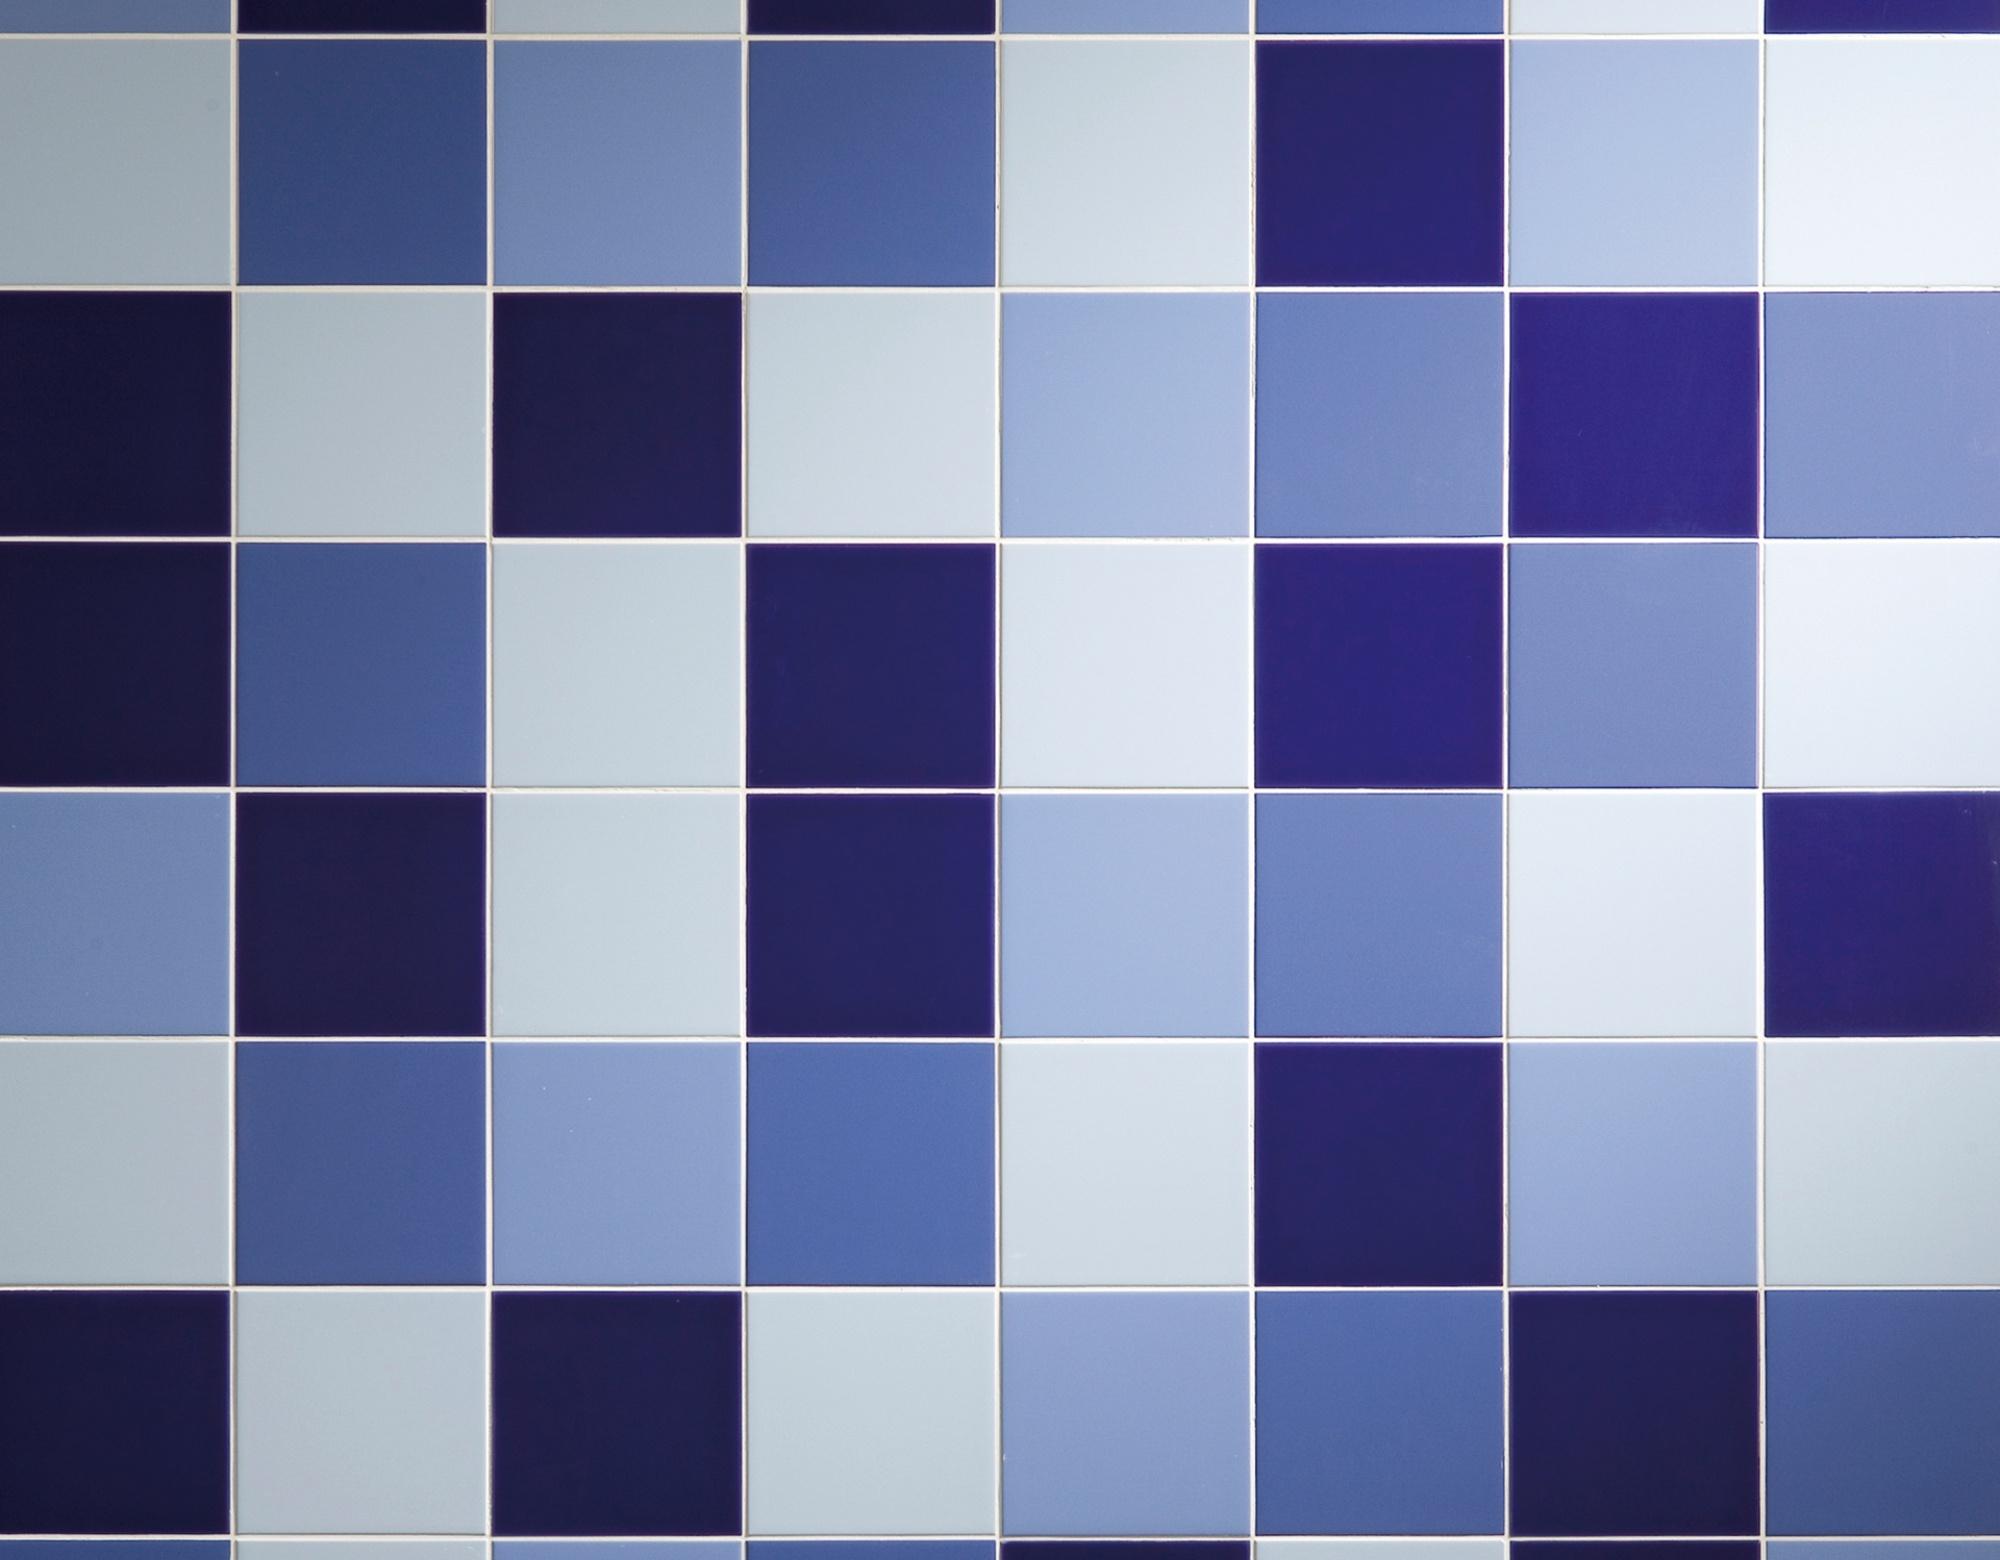 Mosa Tegels 15x15 : Colors u e mosa tegels